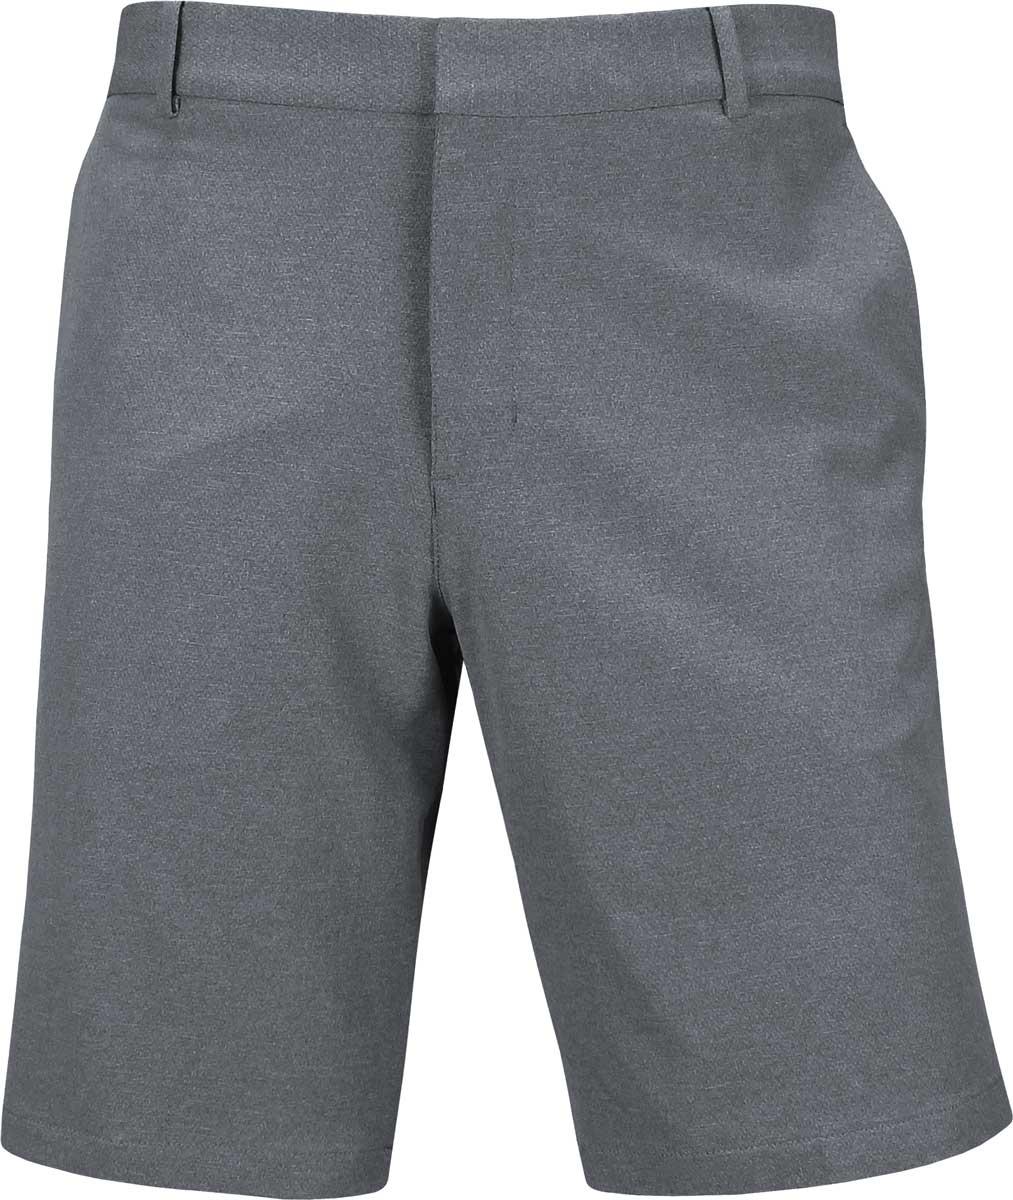 all'avanguardia dei tempi stile popolare vendita a basso prezzo Nike Dri-FIT Flex Slim Golf Shorts